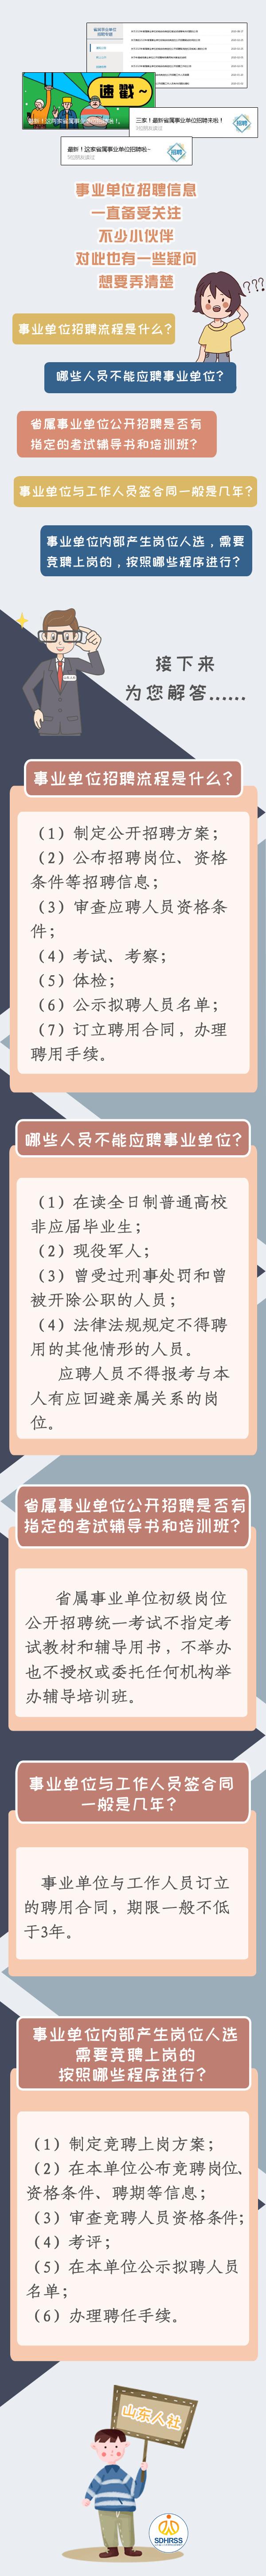 省属事业单位公开招聘有指定的考试辅导书和培训班吗?